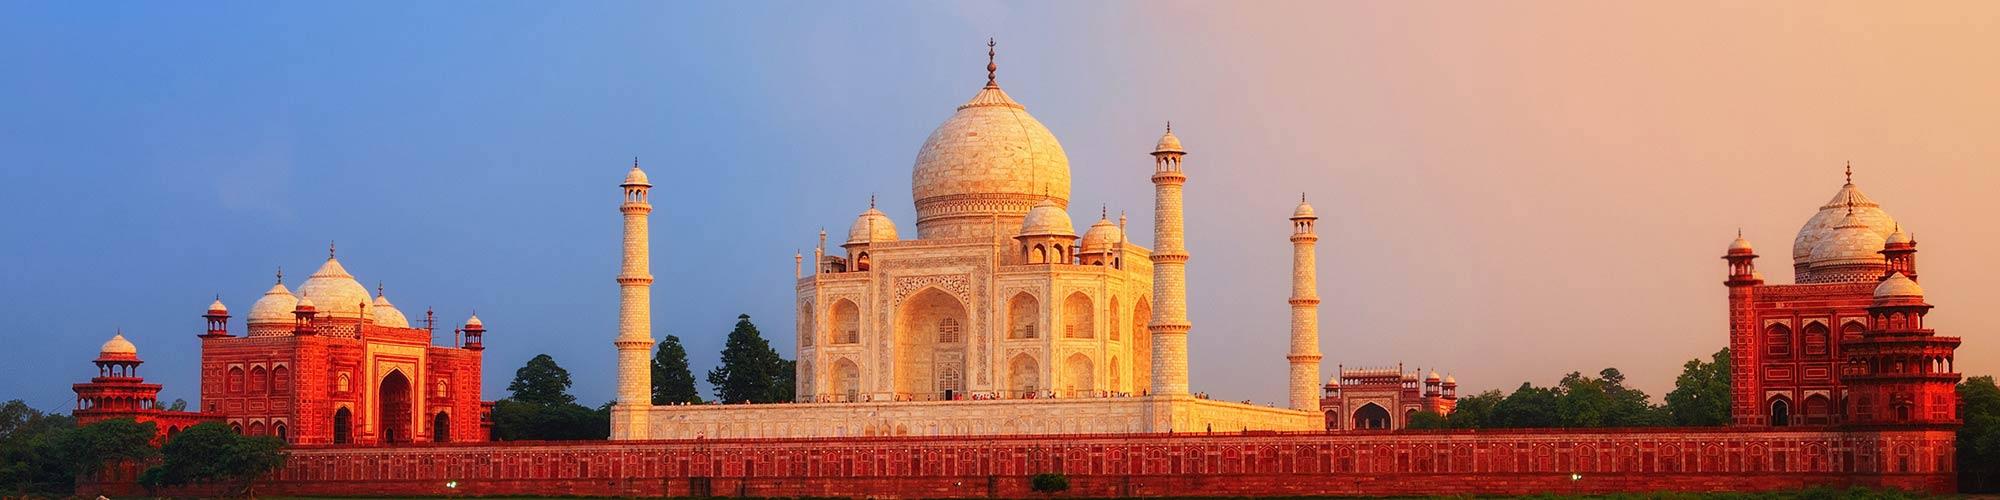 india-banner-3.jpg